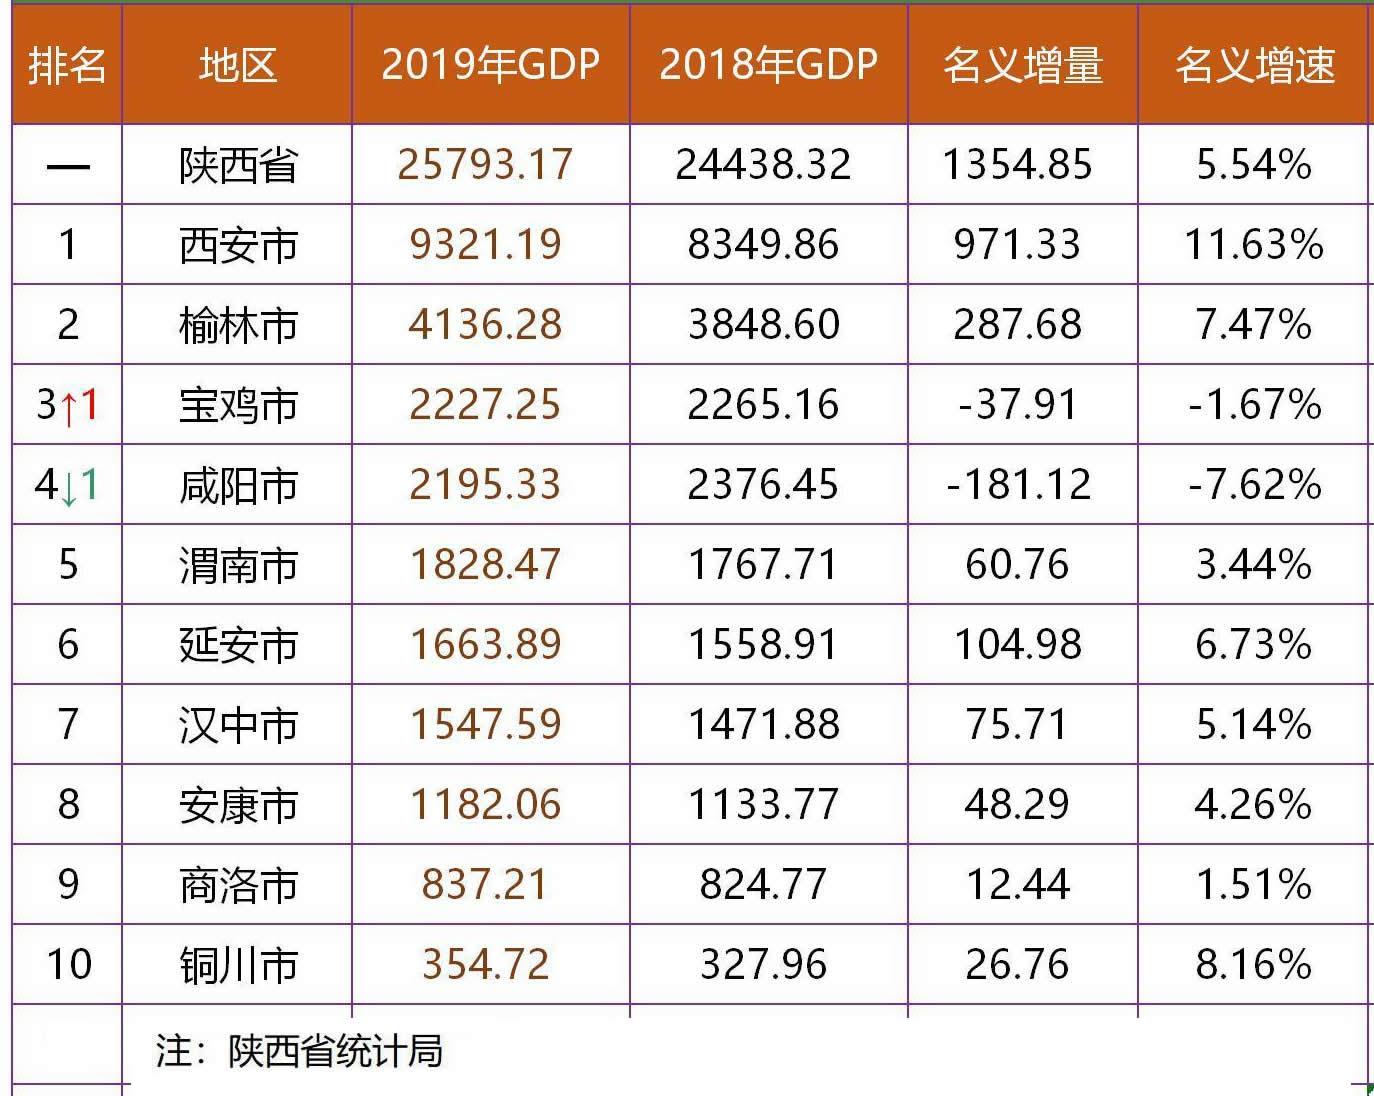 汉中2020年gdp总量_南方观察 2020年深圳四区GDP增速过5 ,总量第一又是TA